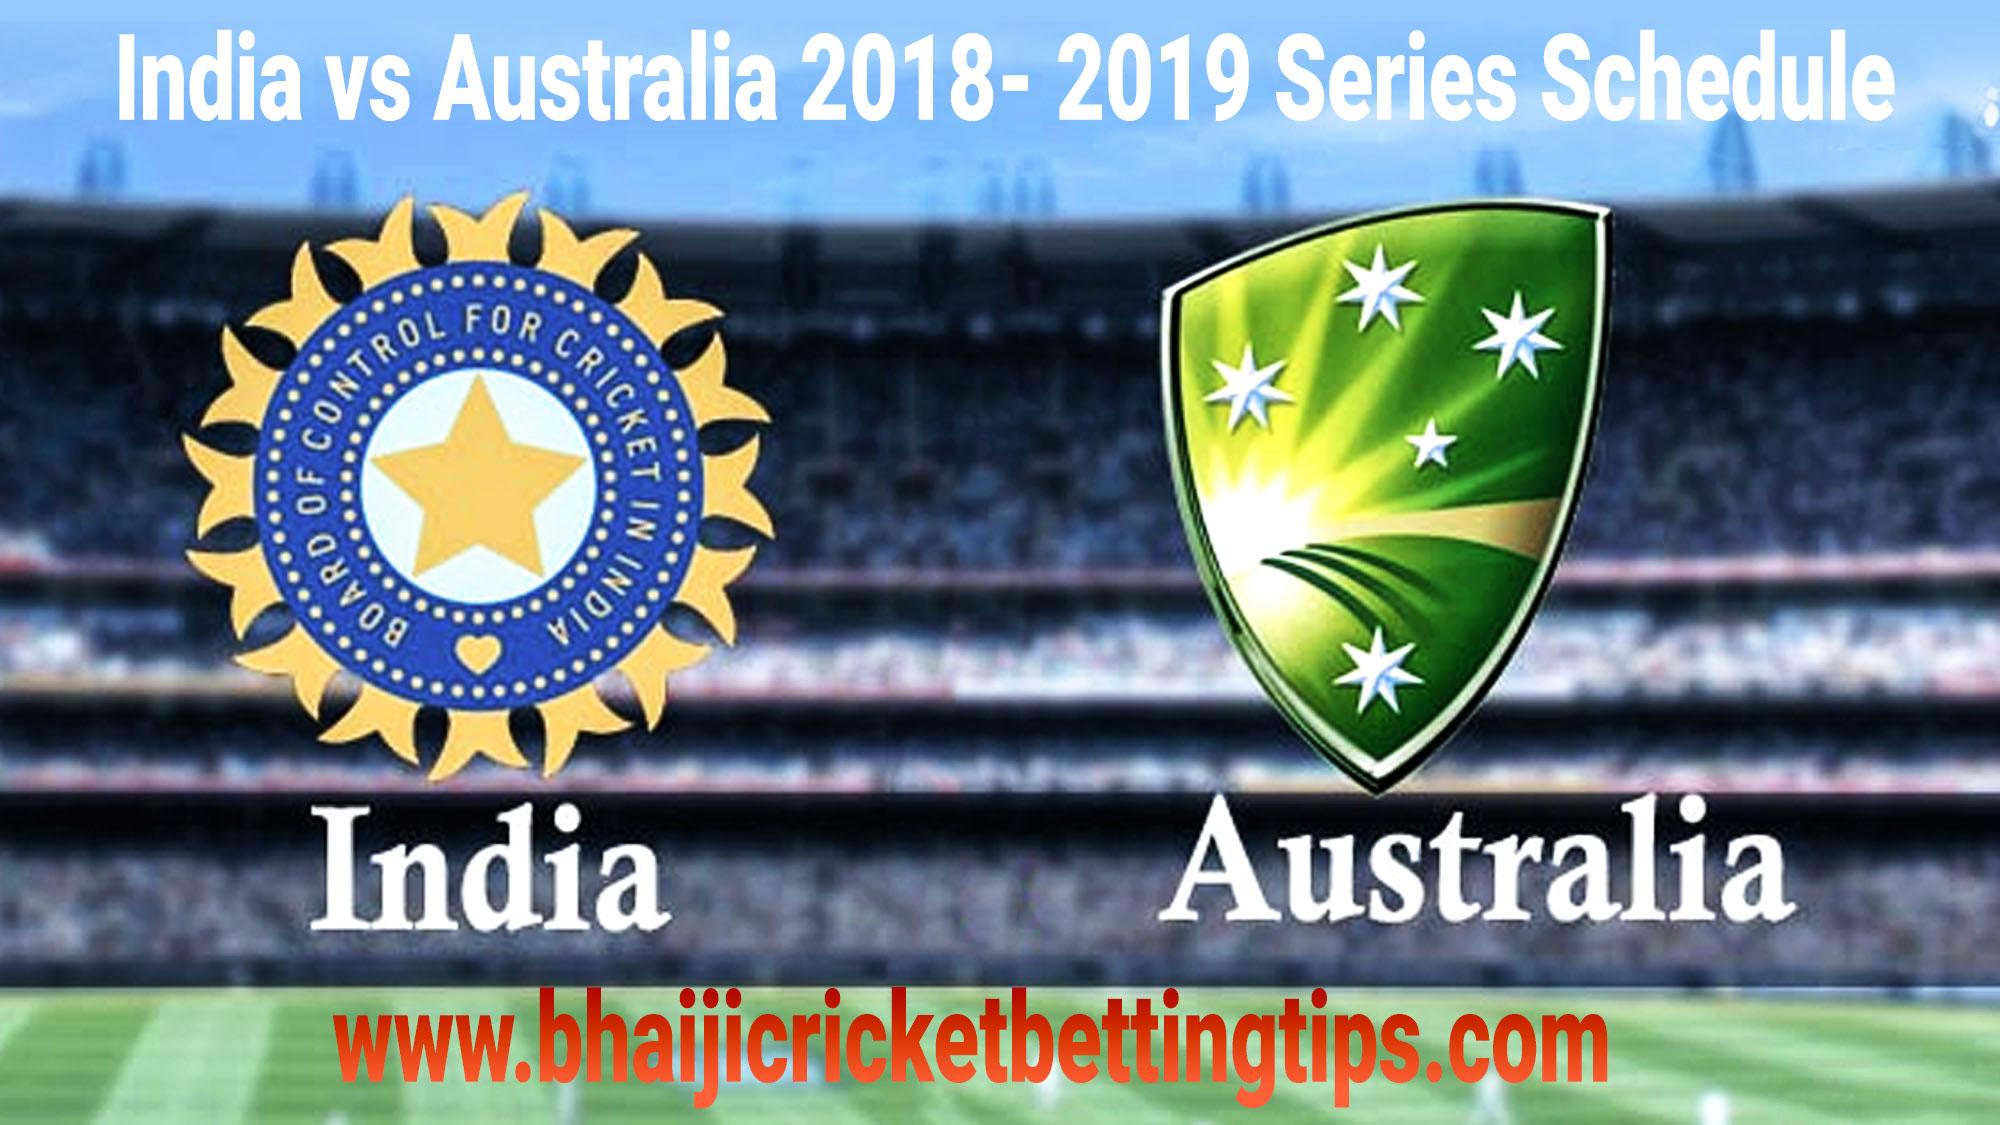 India vs Australia 2018- 2019 Series Schedule